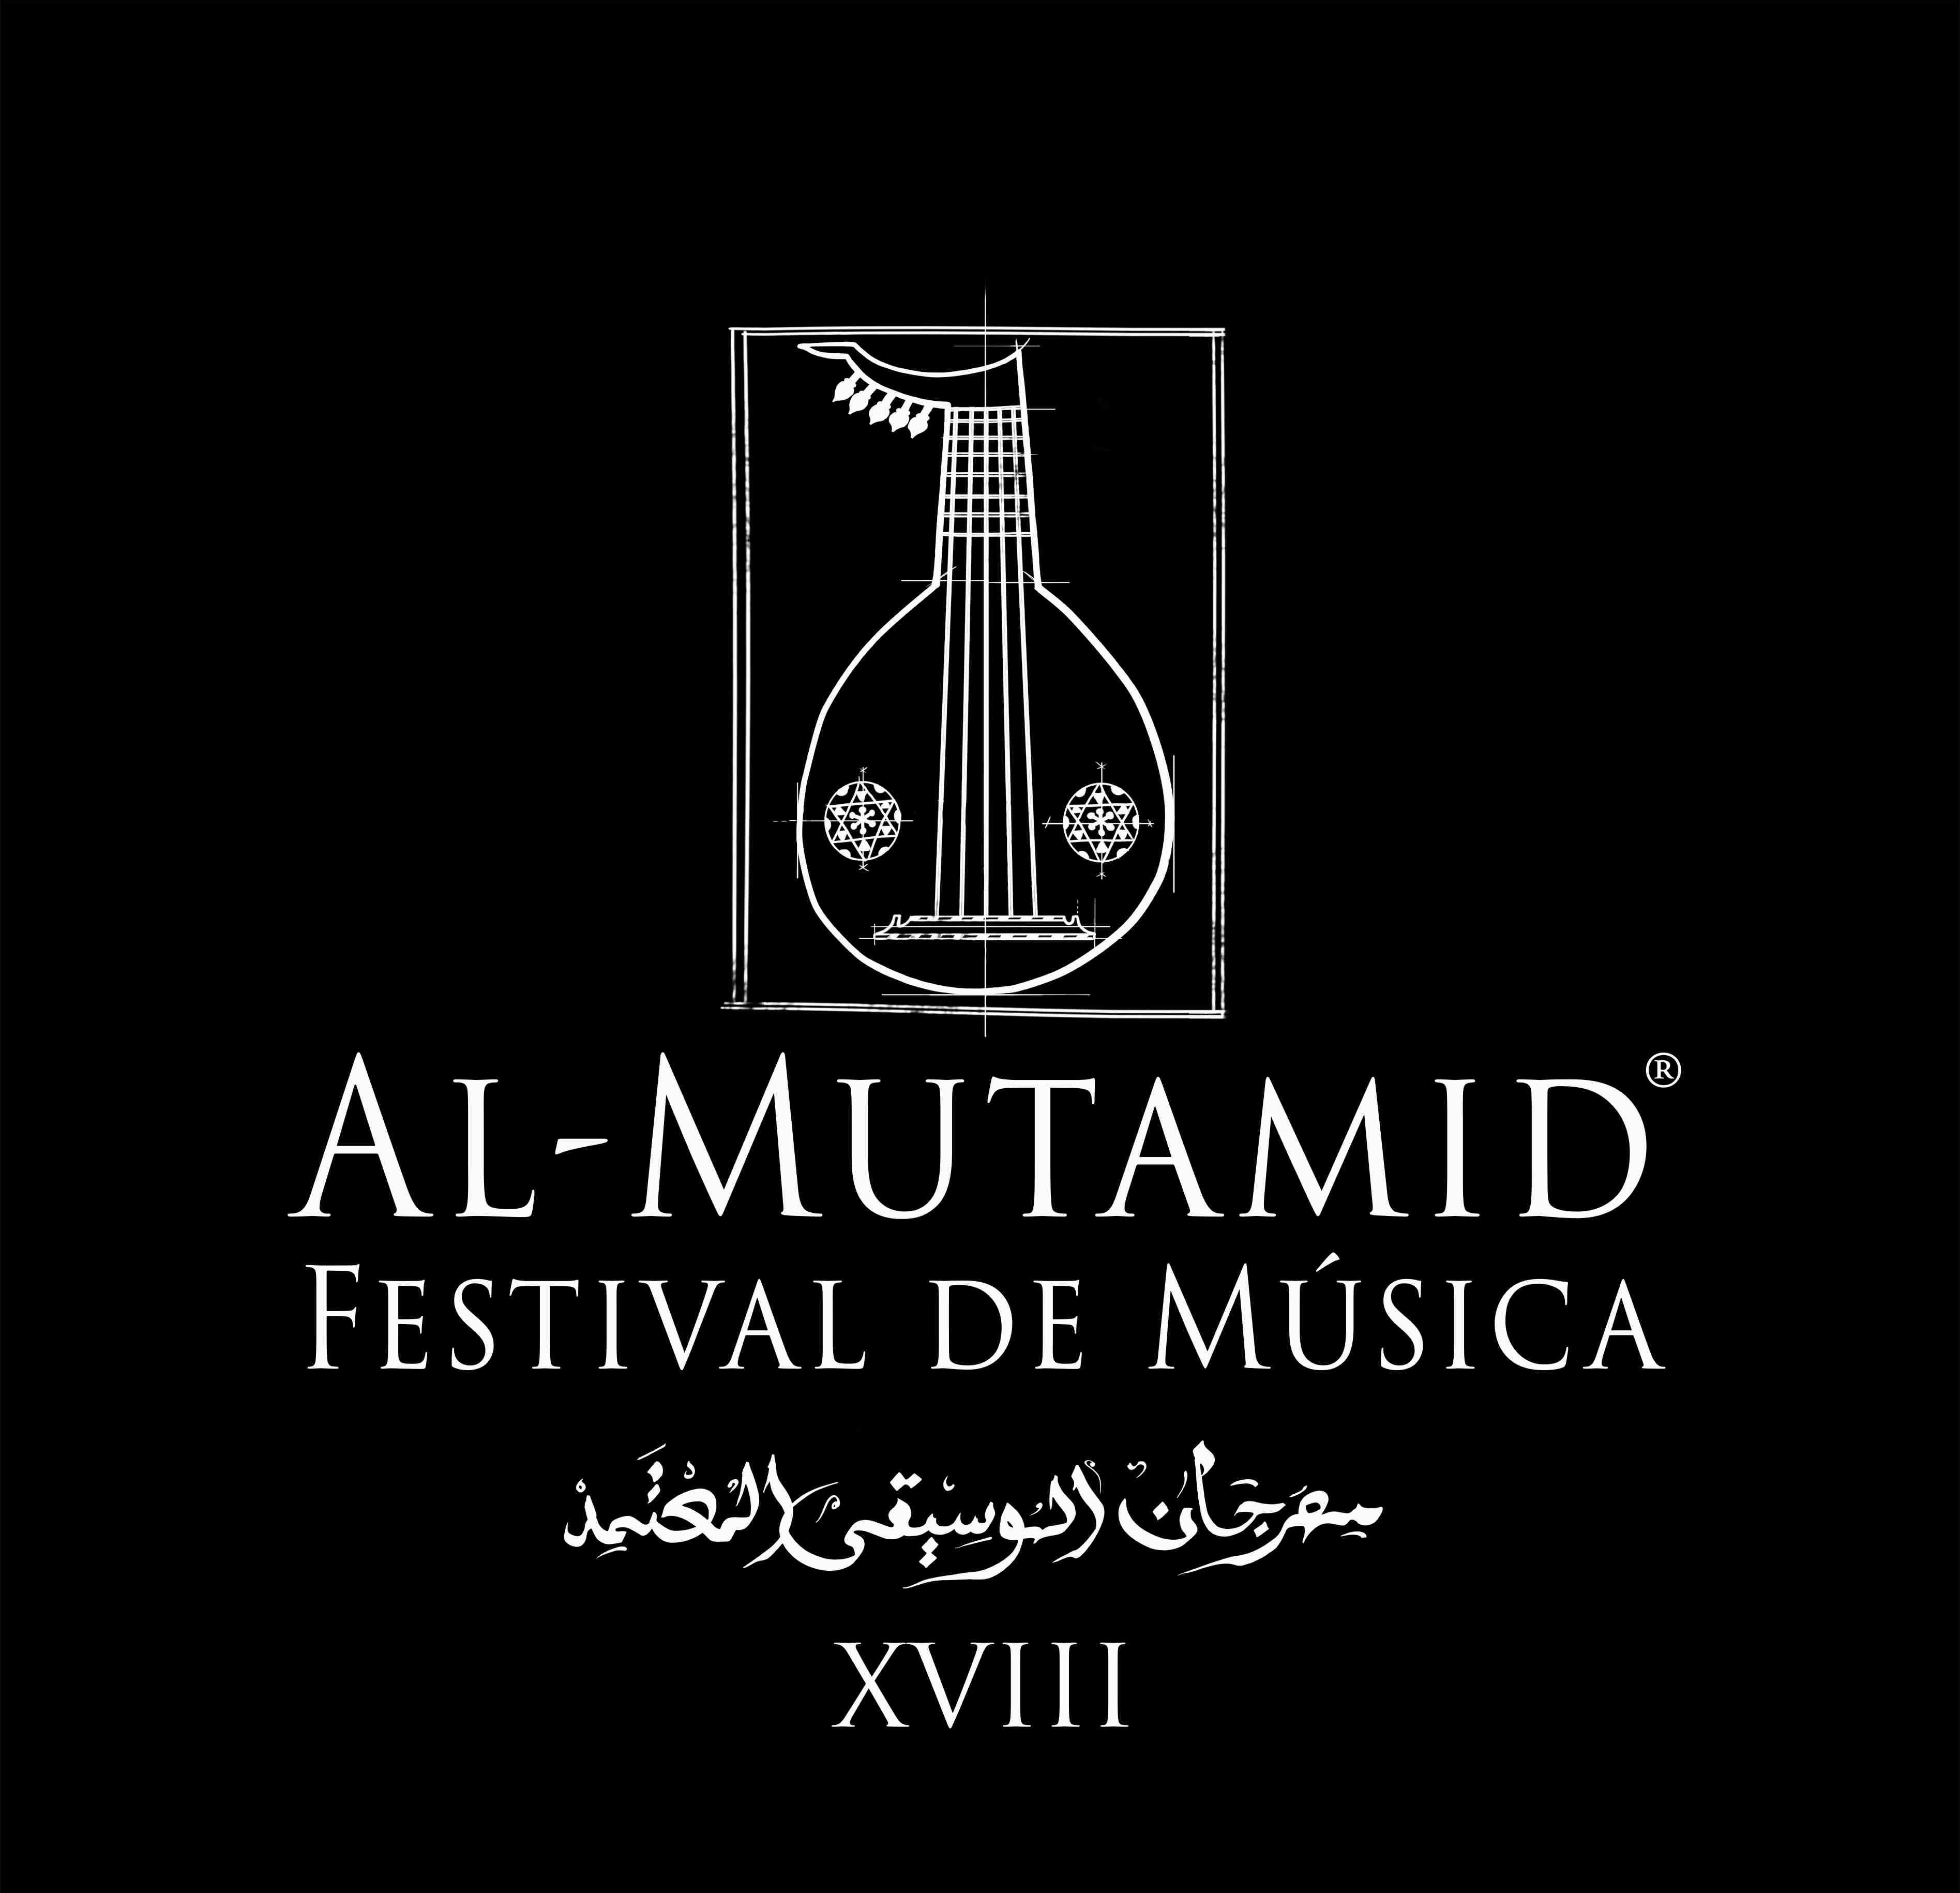 logo Festival al-Mutamid 2018